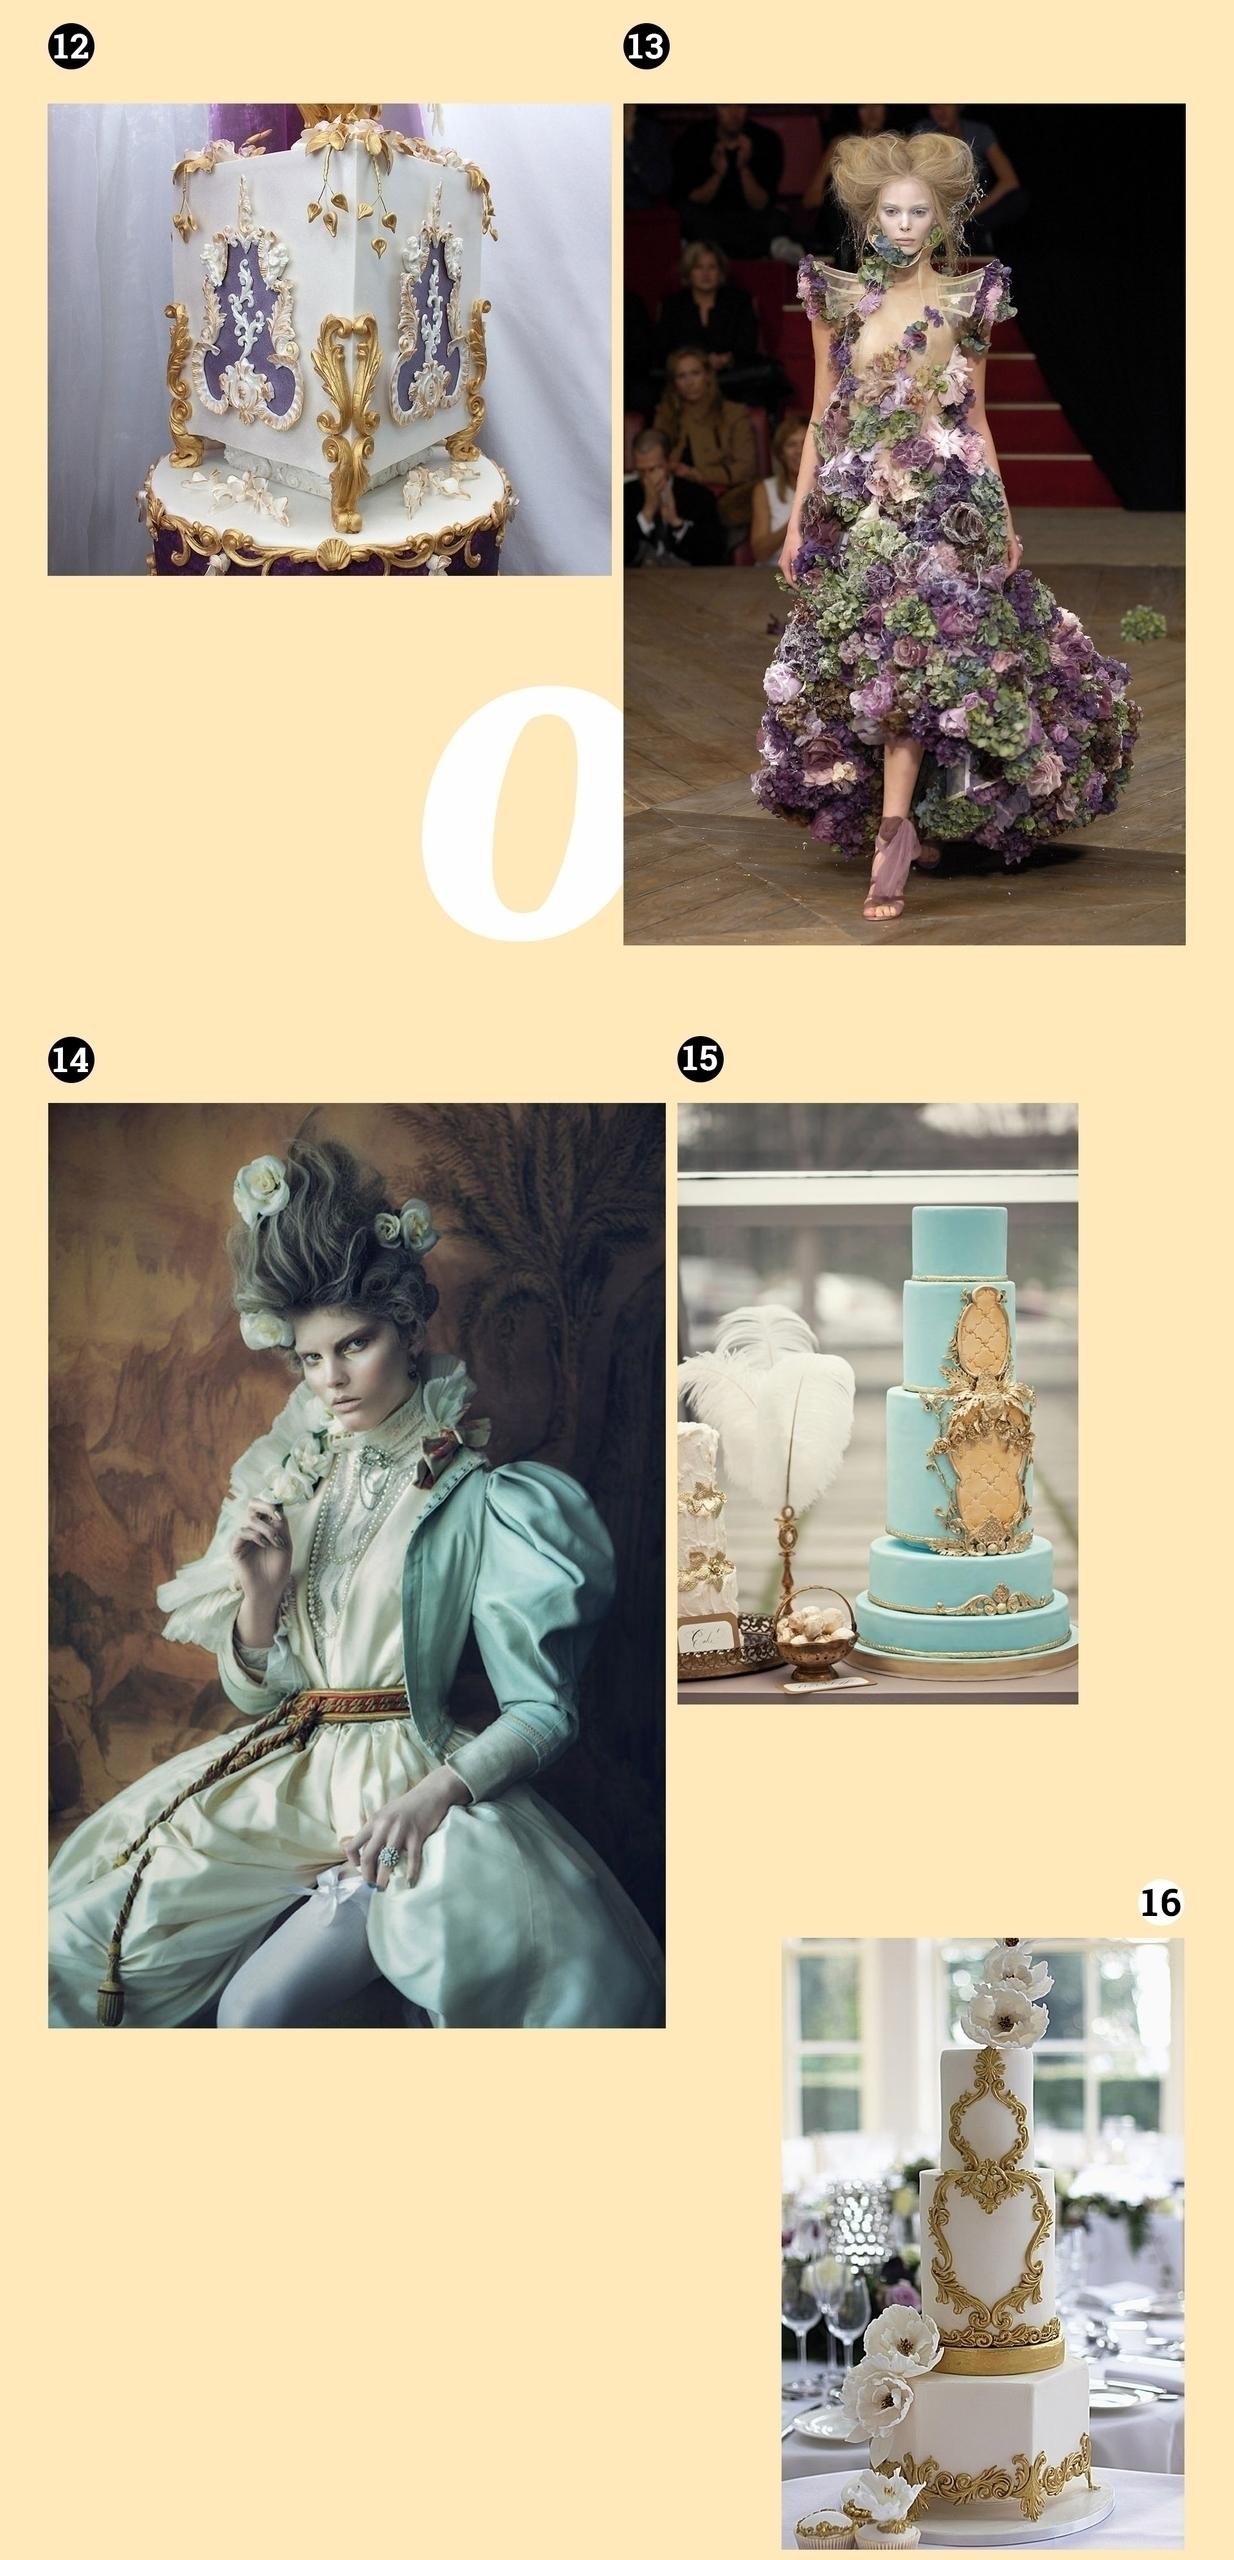 Obraz przedstawia pięć zdjęć na jasnobeżowym tle. Widzimy modelki pozujące w różnych strojach i torty artystyczne.